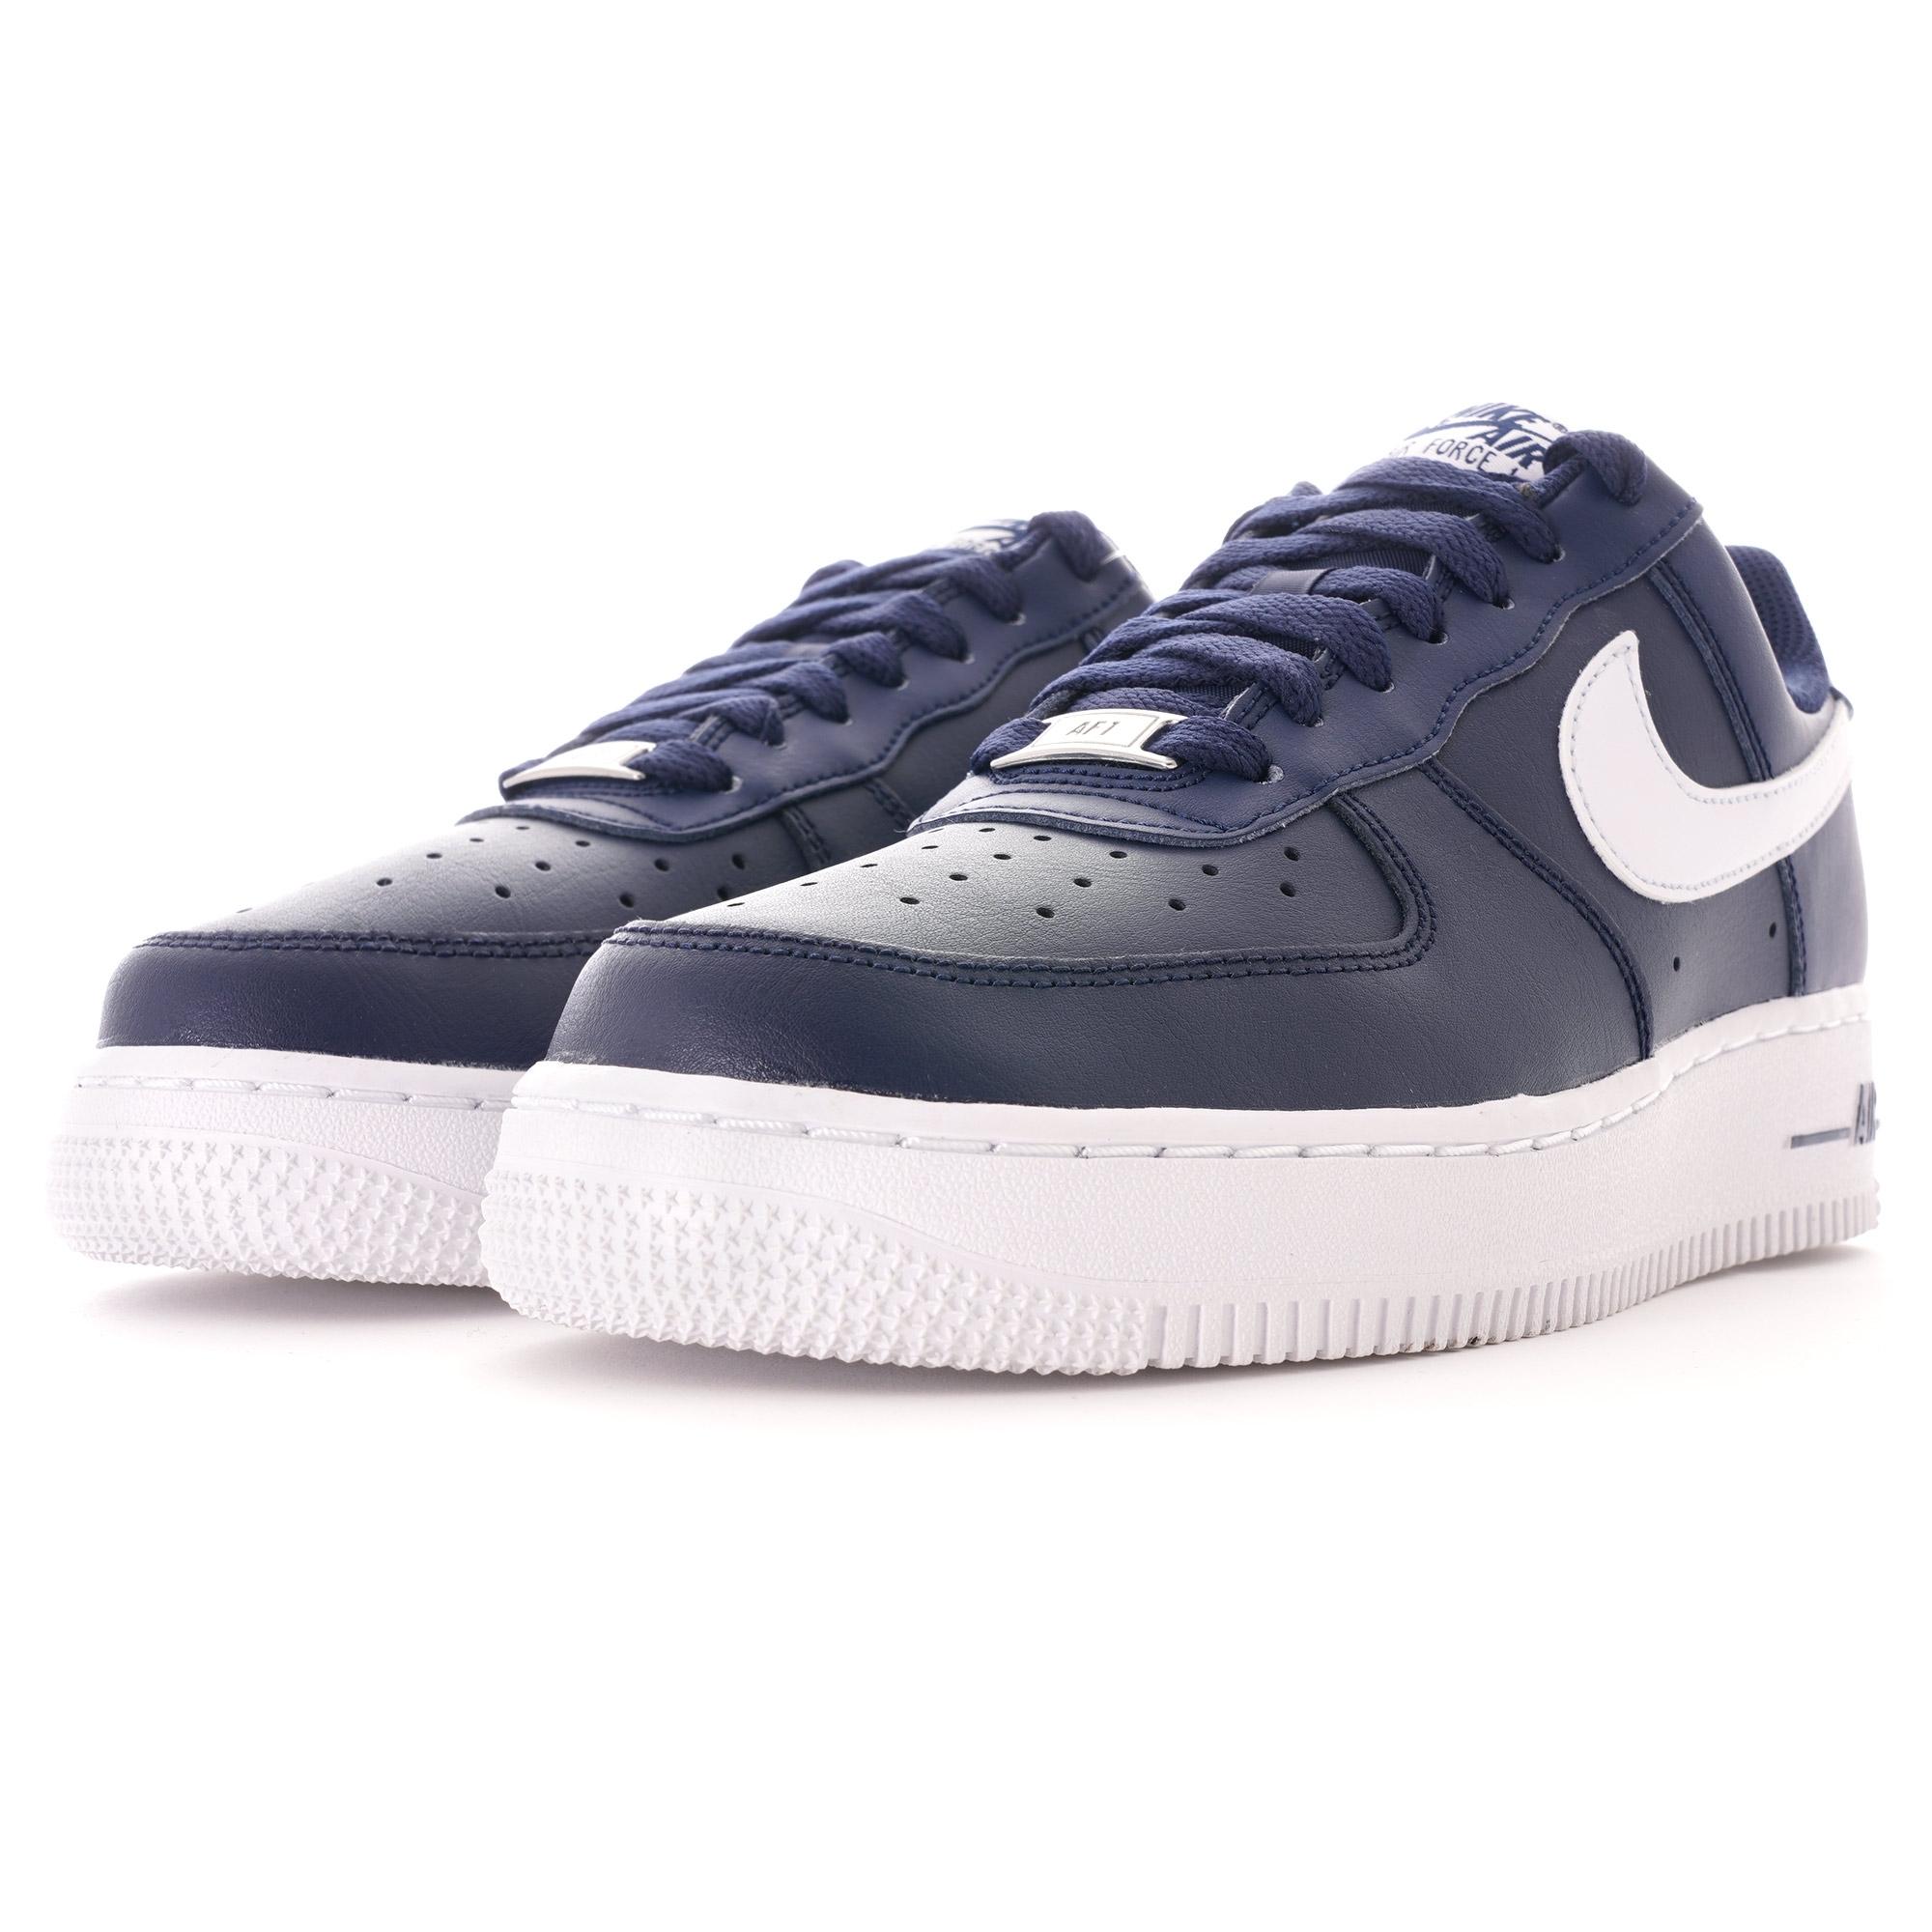 Nike Air Force 1 '07 AN20 Navy